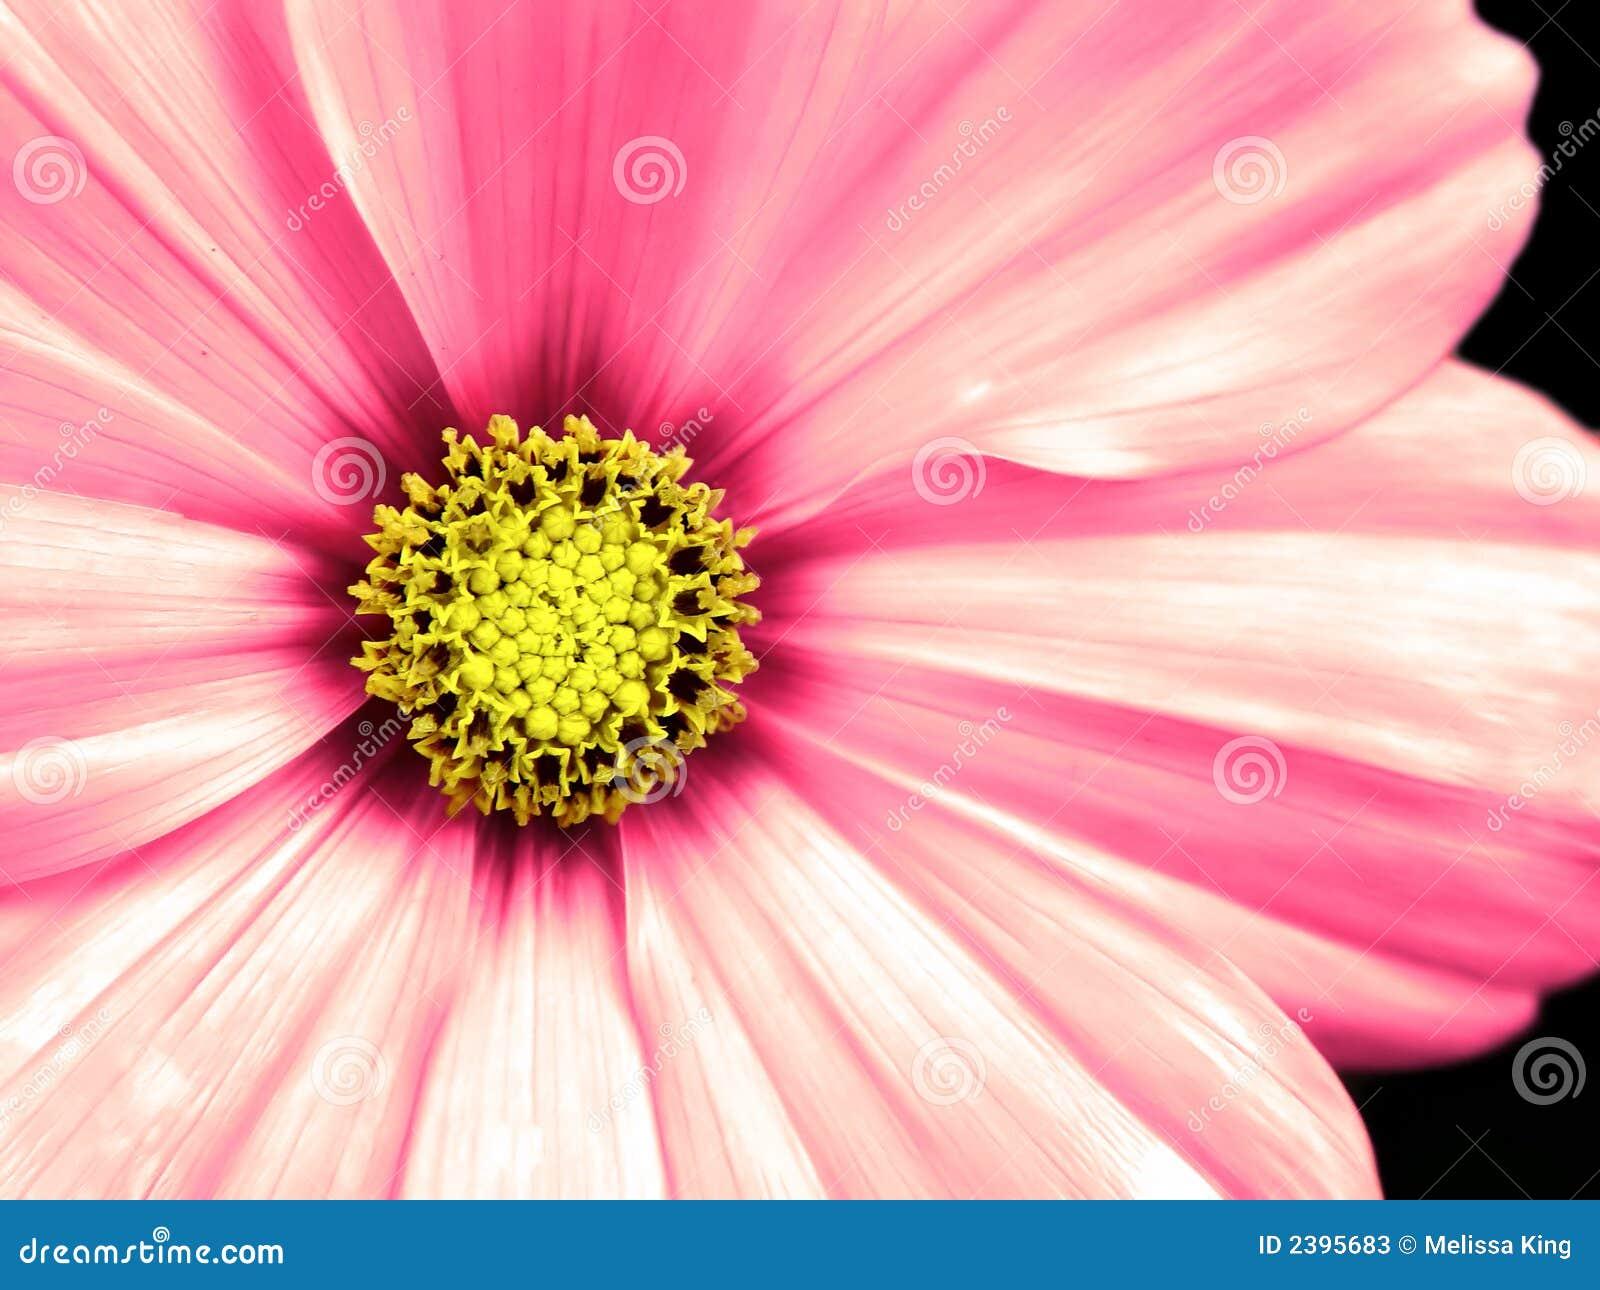 Botanical Print Wallpaper Cosmo Flower Taken Closeup Stock Photos Image 2395683